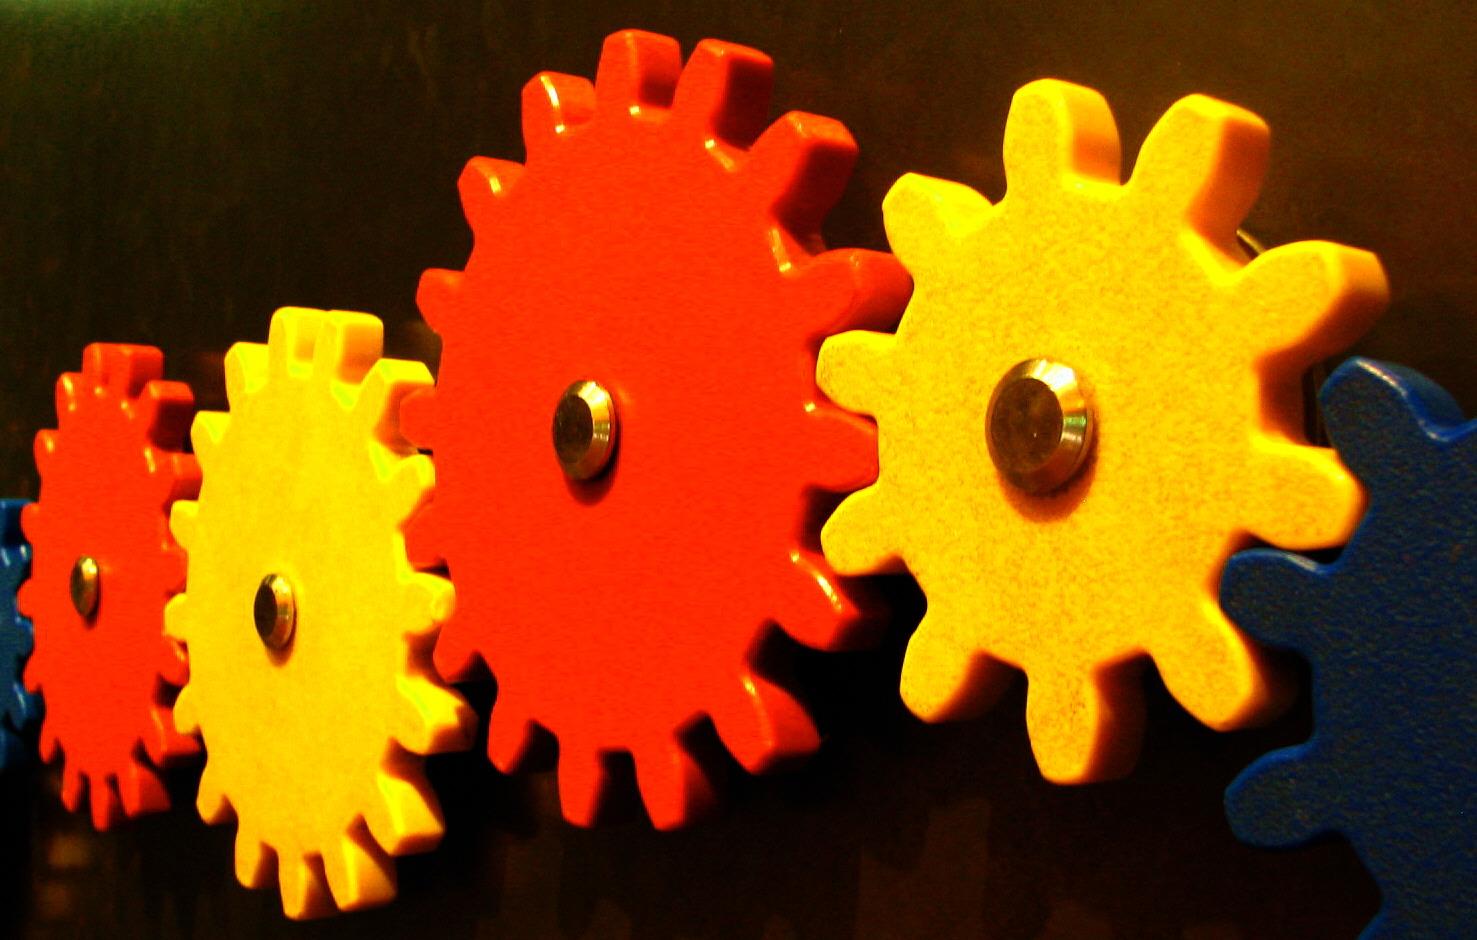 Quelle: www.pixelio.de